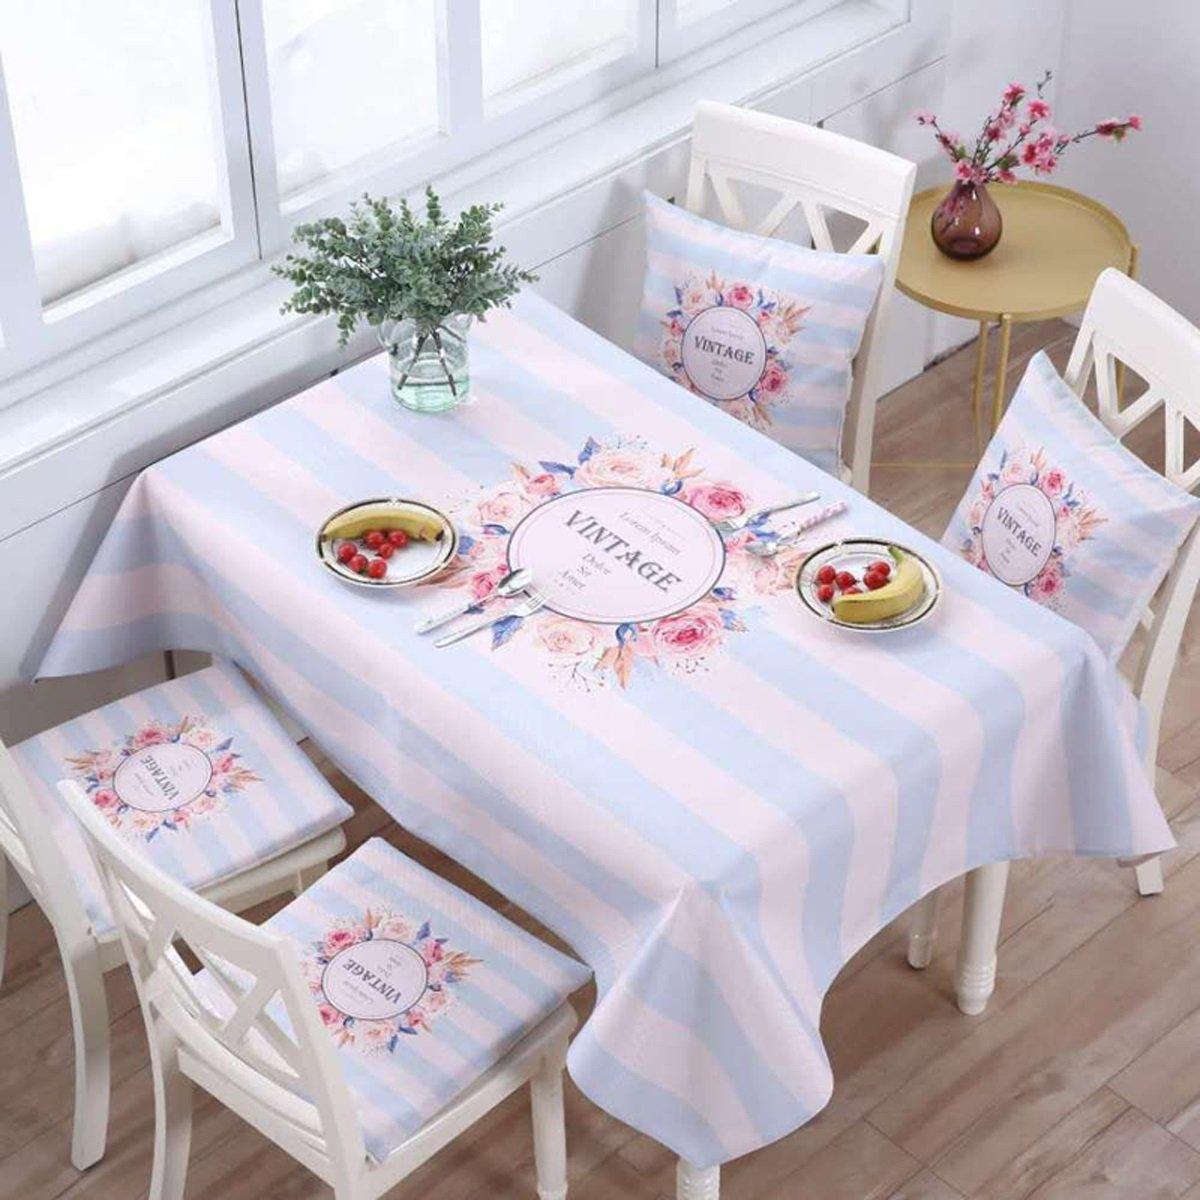 T 140220cm (55.186.6in) TAO Nappe Tissu Coureurs Thé Table Tissu Coton Tissu Tissu Table Bureau Maison Décor à La Maison Rectangle Dessin Animé Salon (Couleur   J, taille   140180cm (55.170.9in))